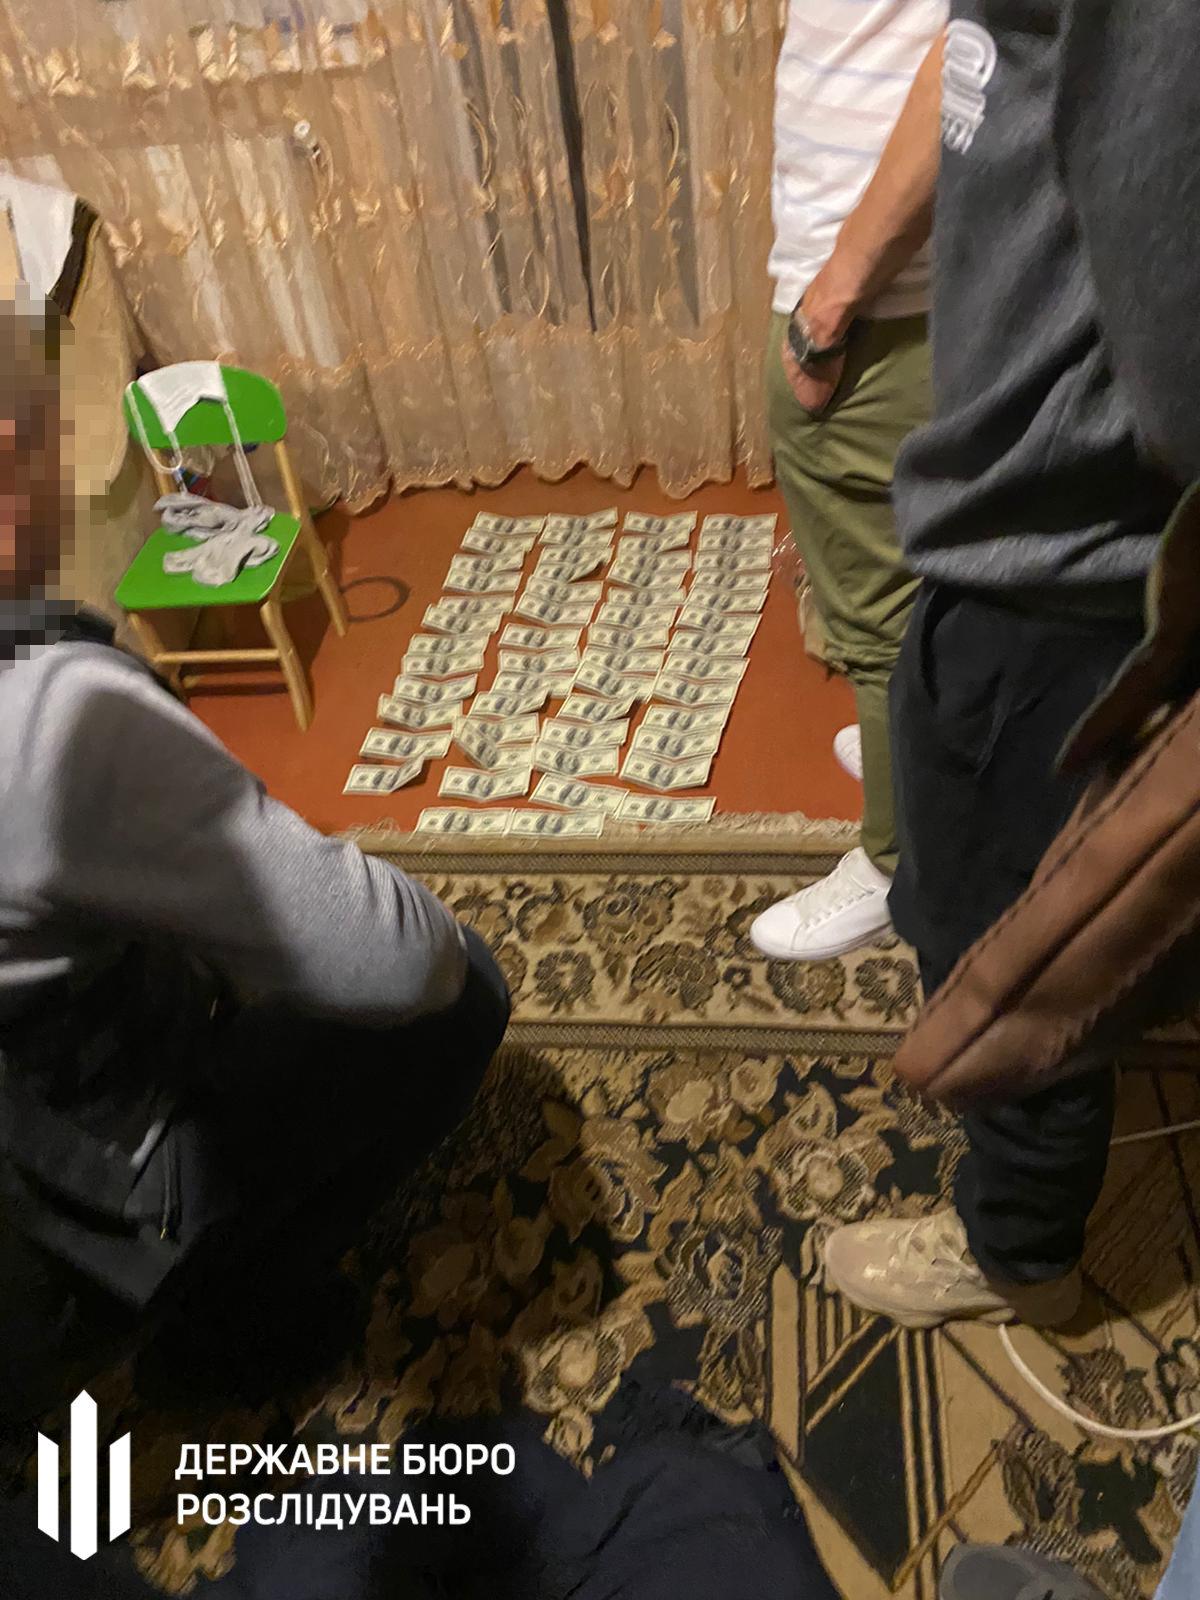 Поліцейському дали хабар за закриття справи щодо викрадення громадянина – Хмельницьке ДБР, фото-2